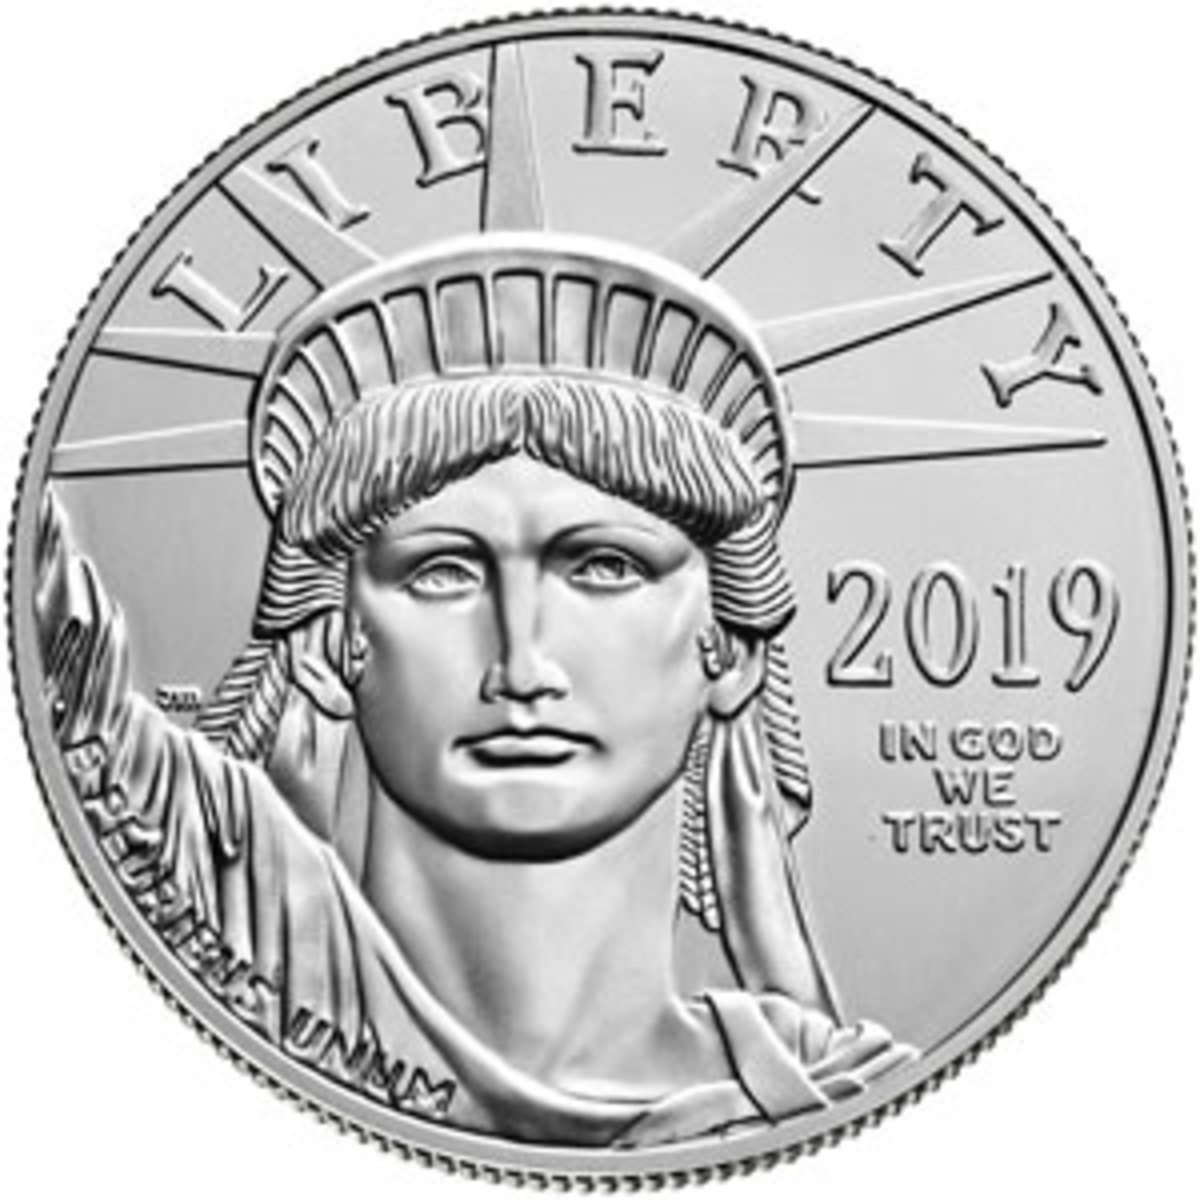 Platinum Bullion Eagle coin